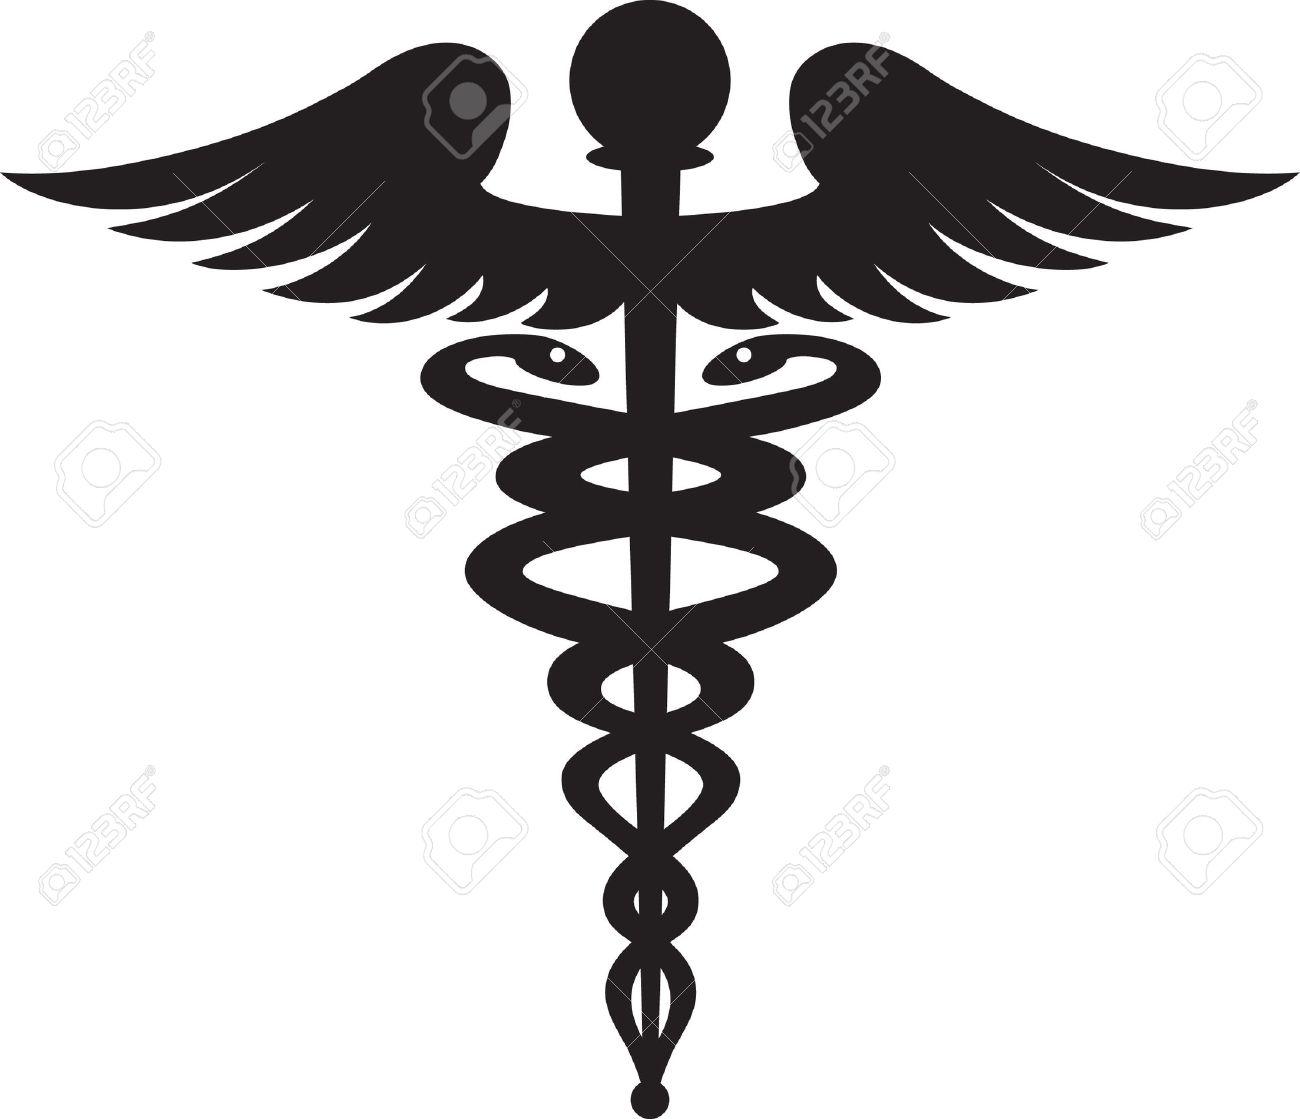 Black caduceus symbol isolated on white background - 13535416